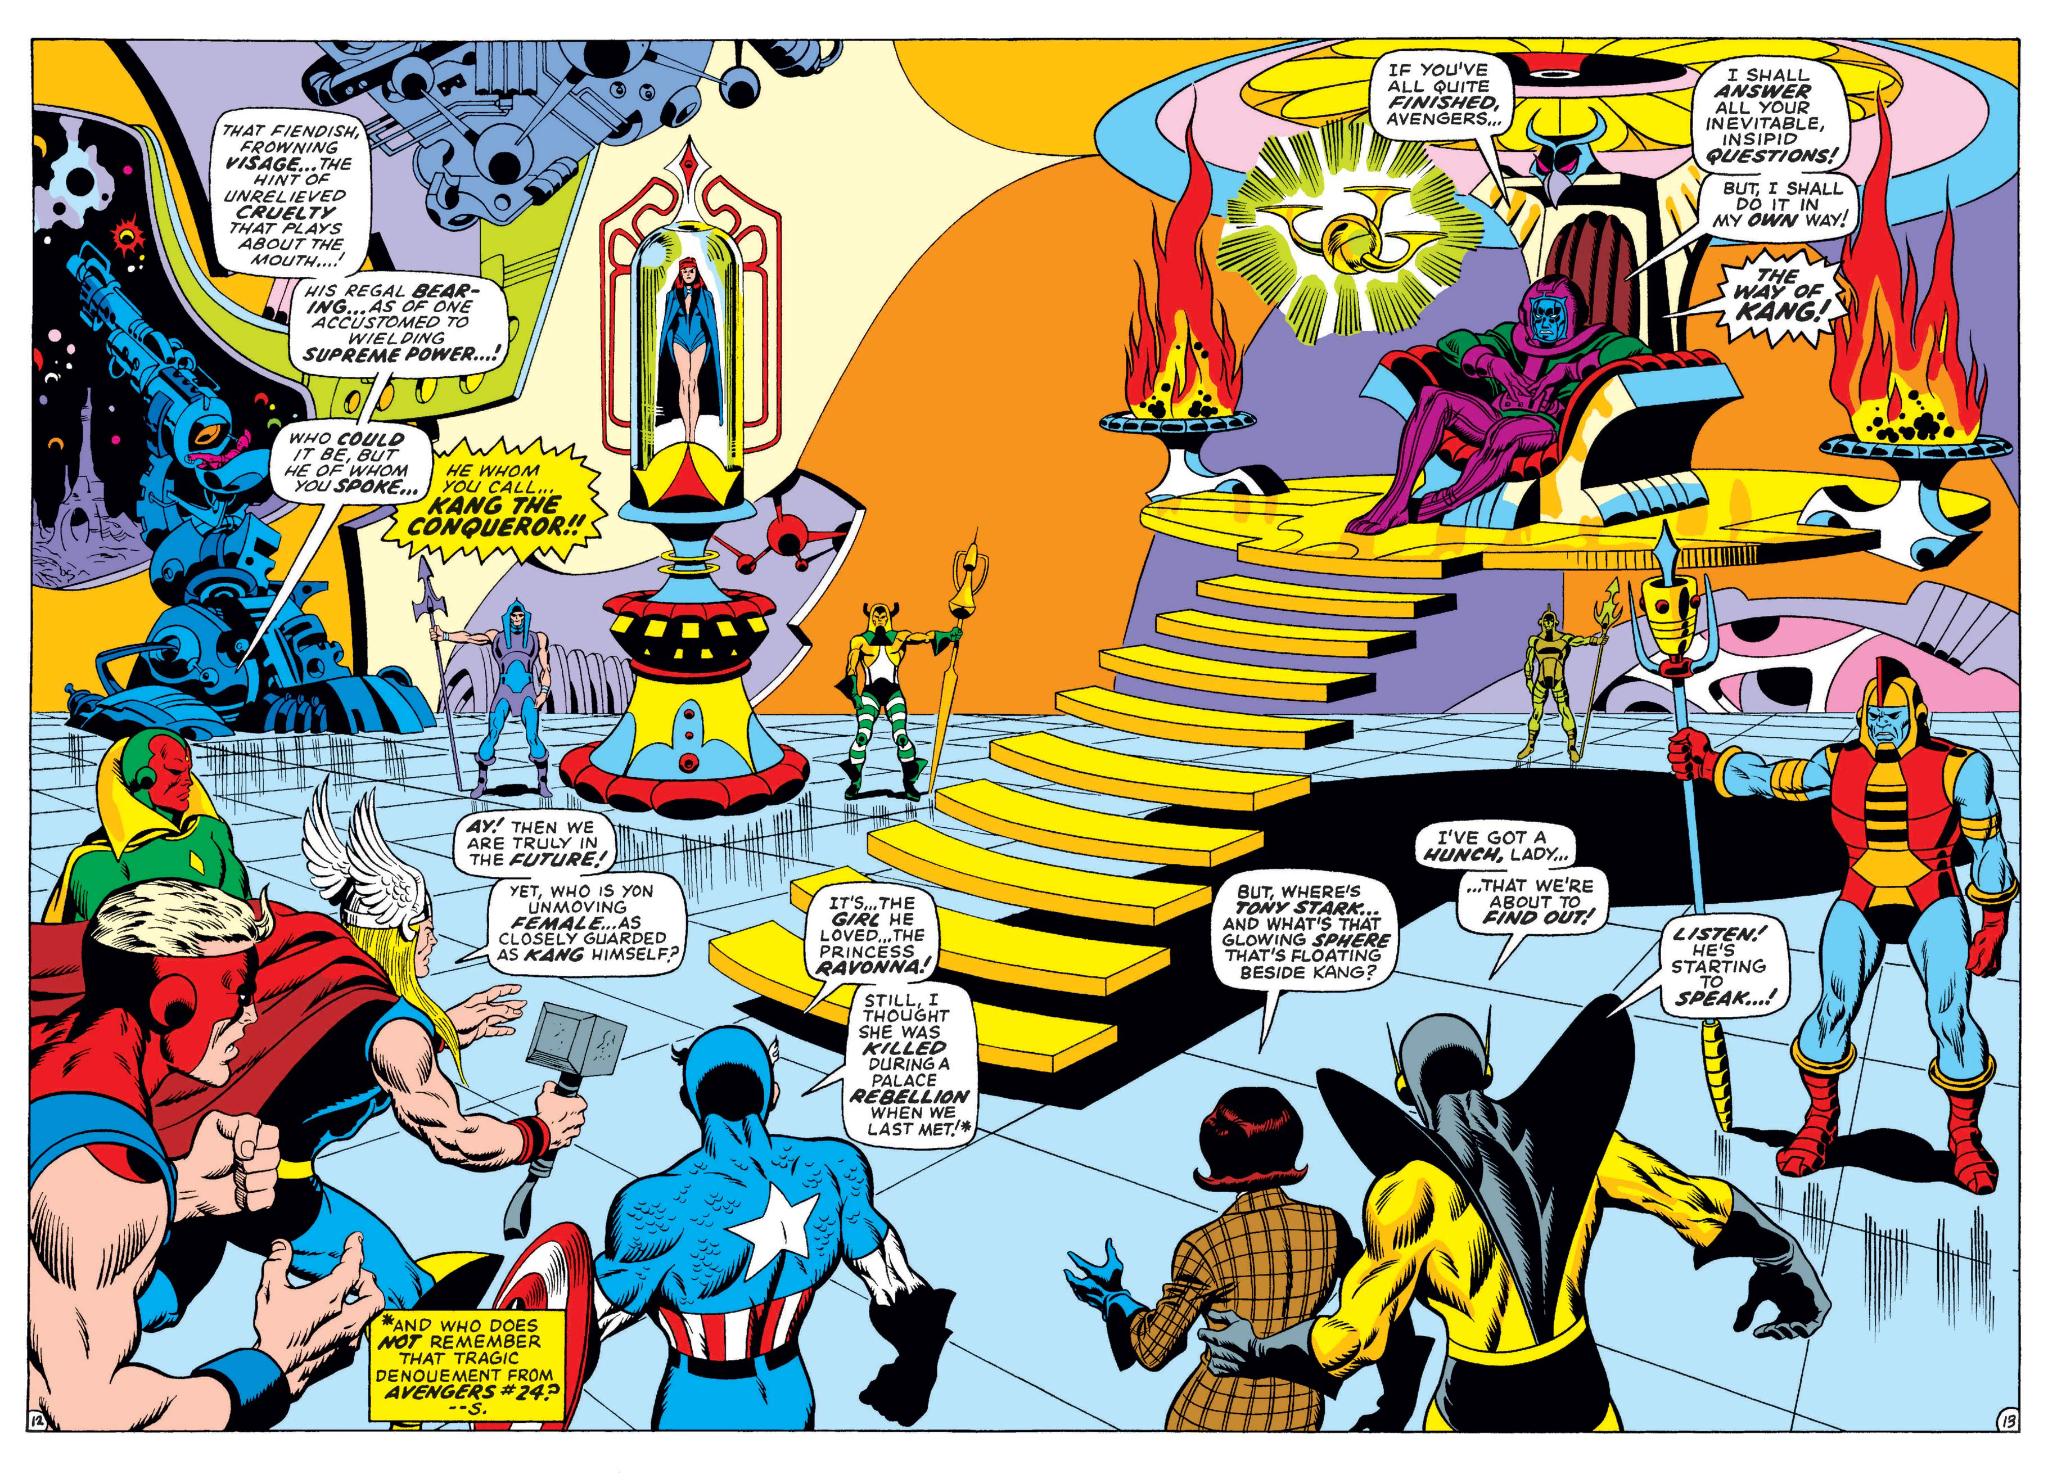 Kang the Conqueror vs Avengers